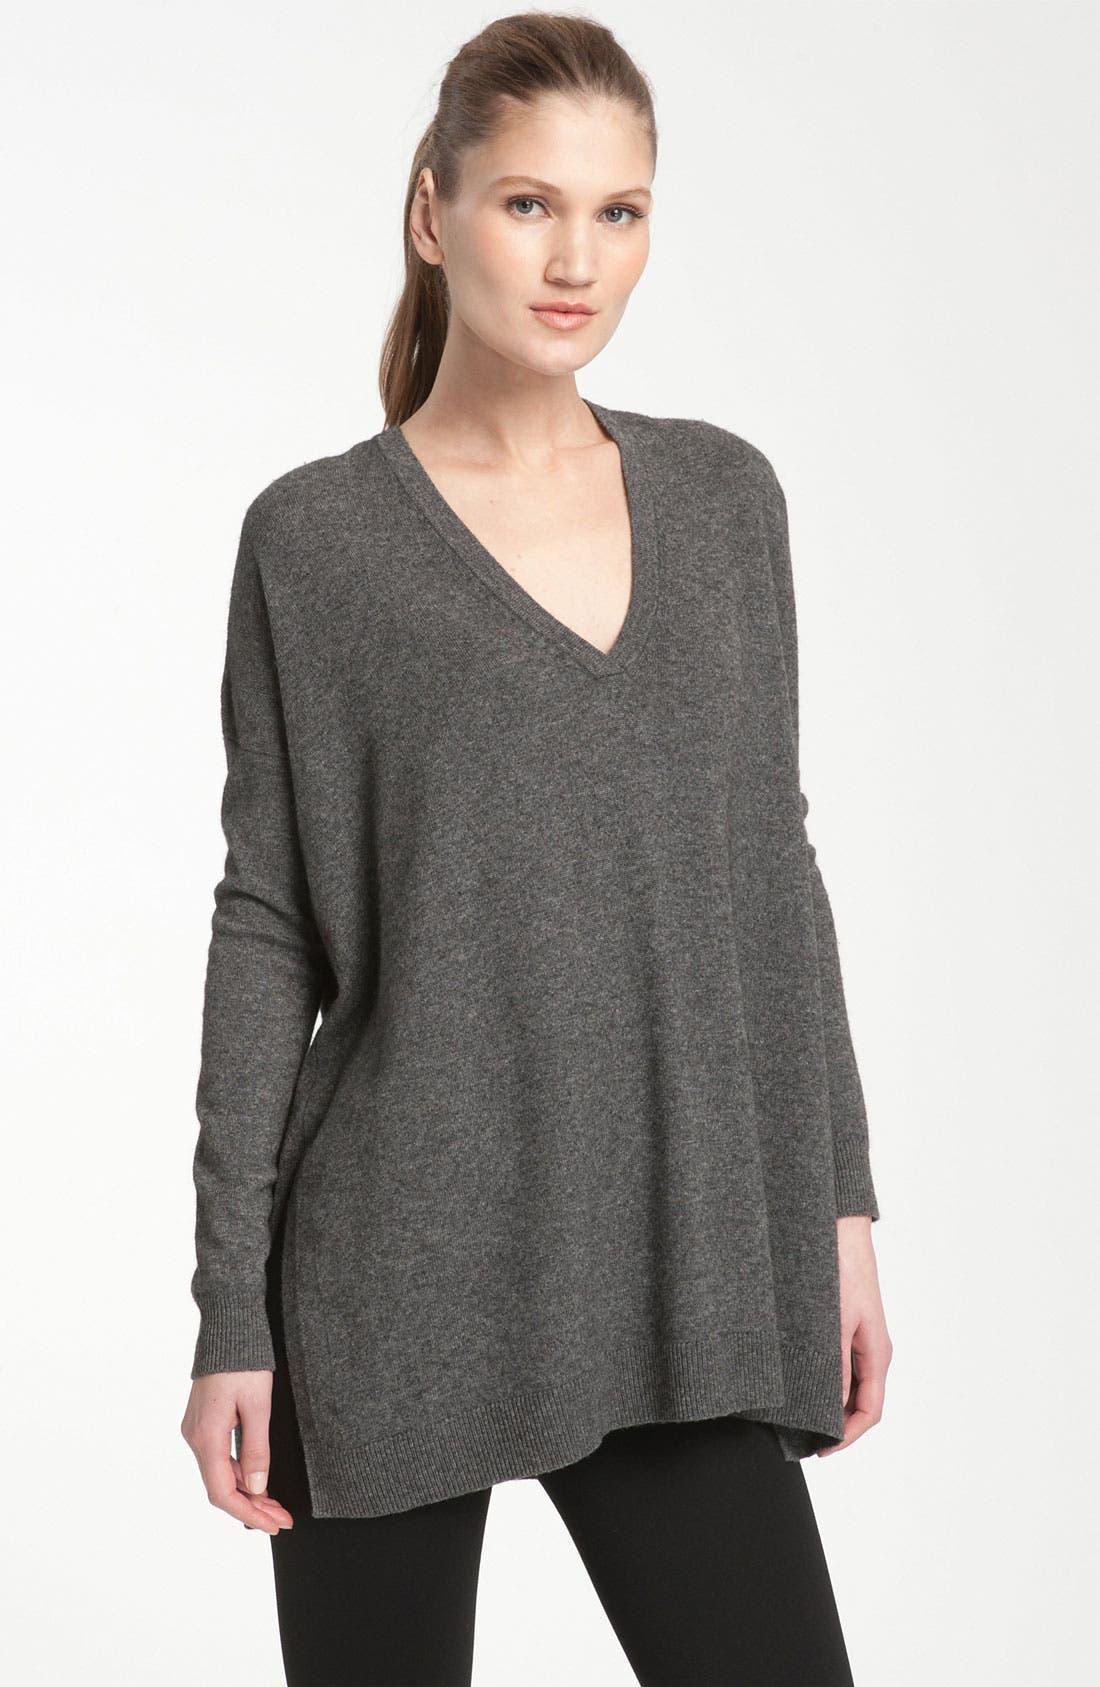 Main Image - Vince Boxy Sweater Tunic